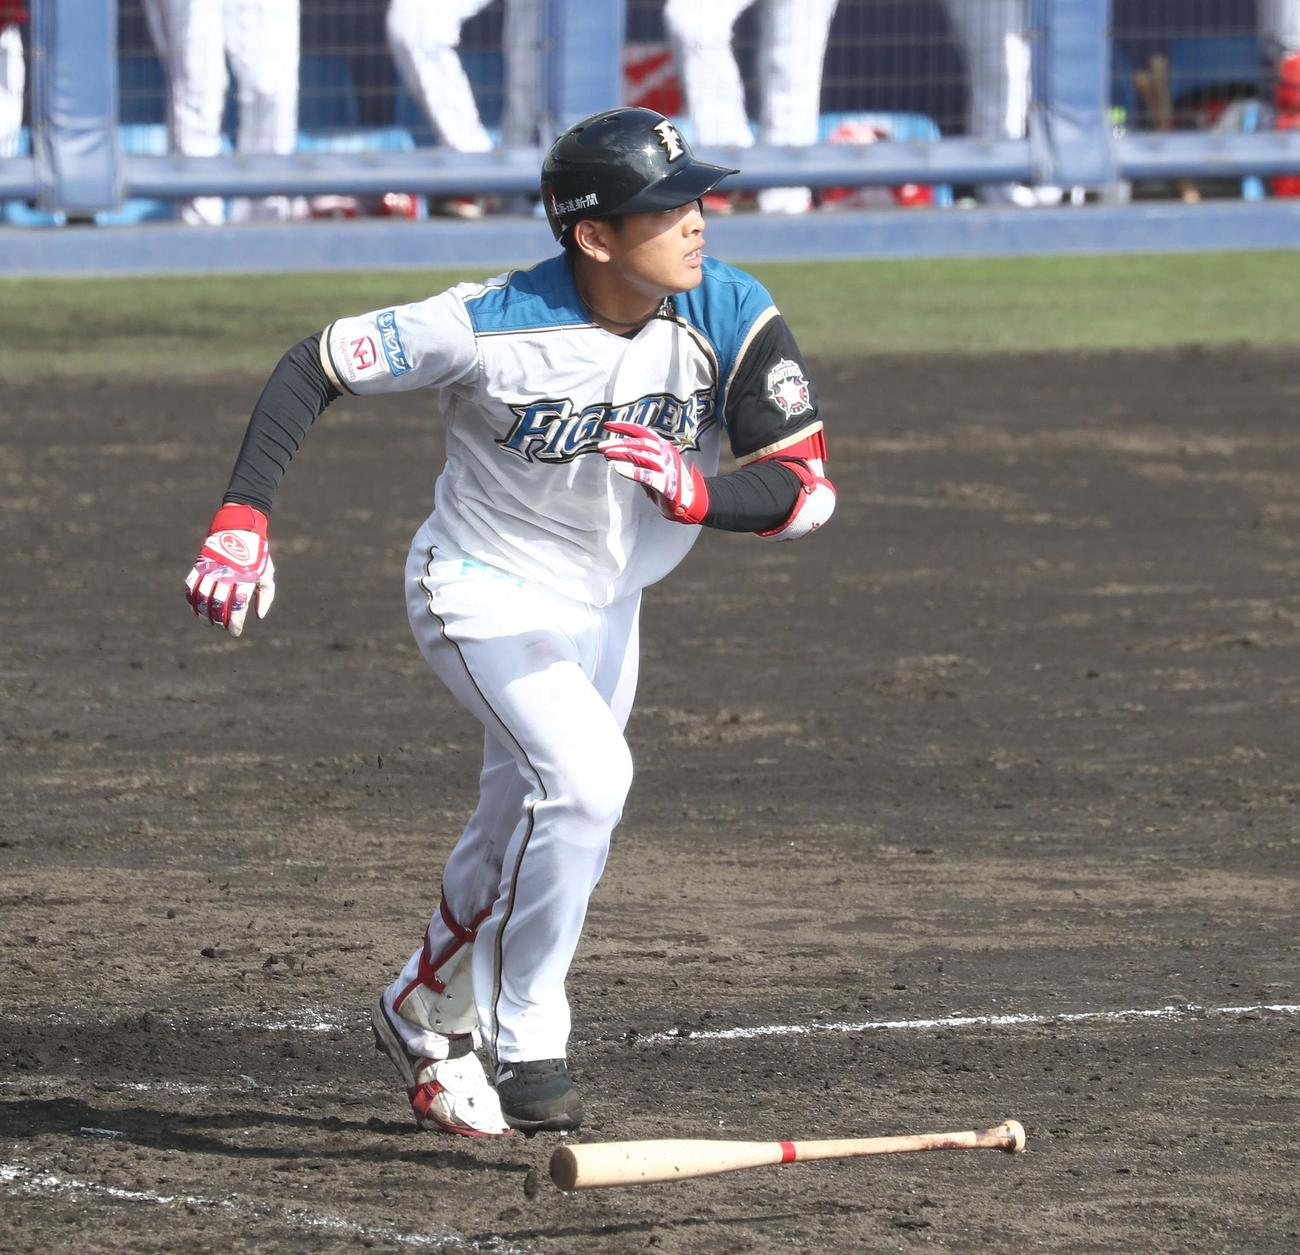 練習試合 日本ハム対広島 8回裏日本ハム2死二塁、左越え適時二塁打を放つ野村(撮影・黒川智章)